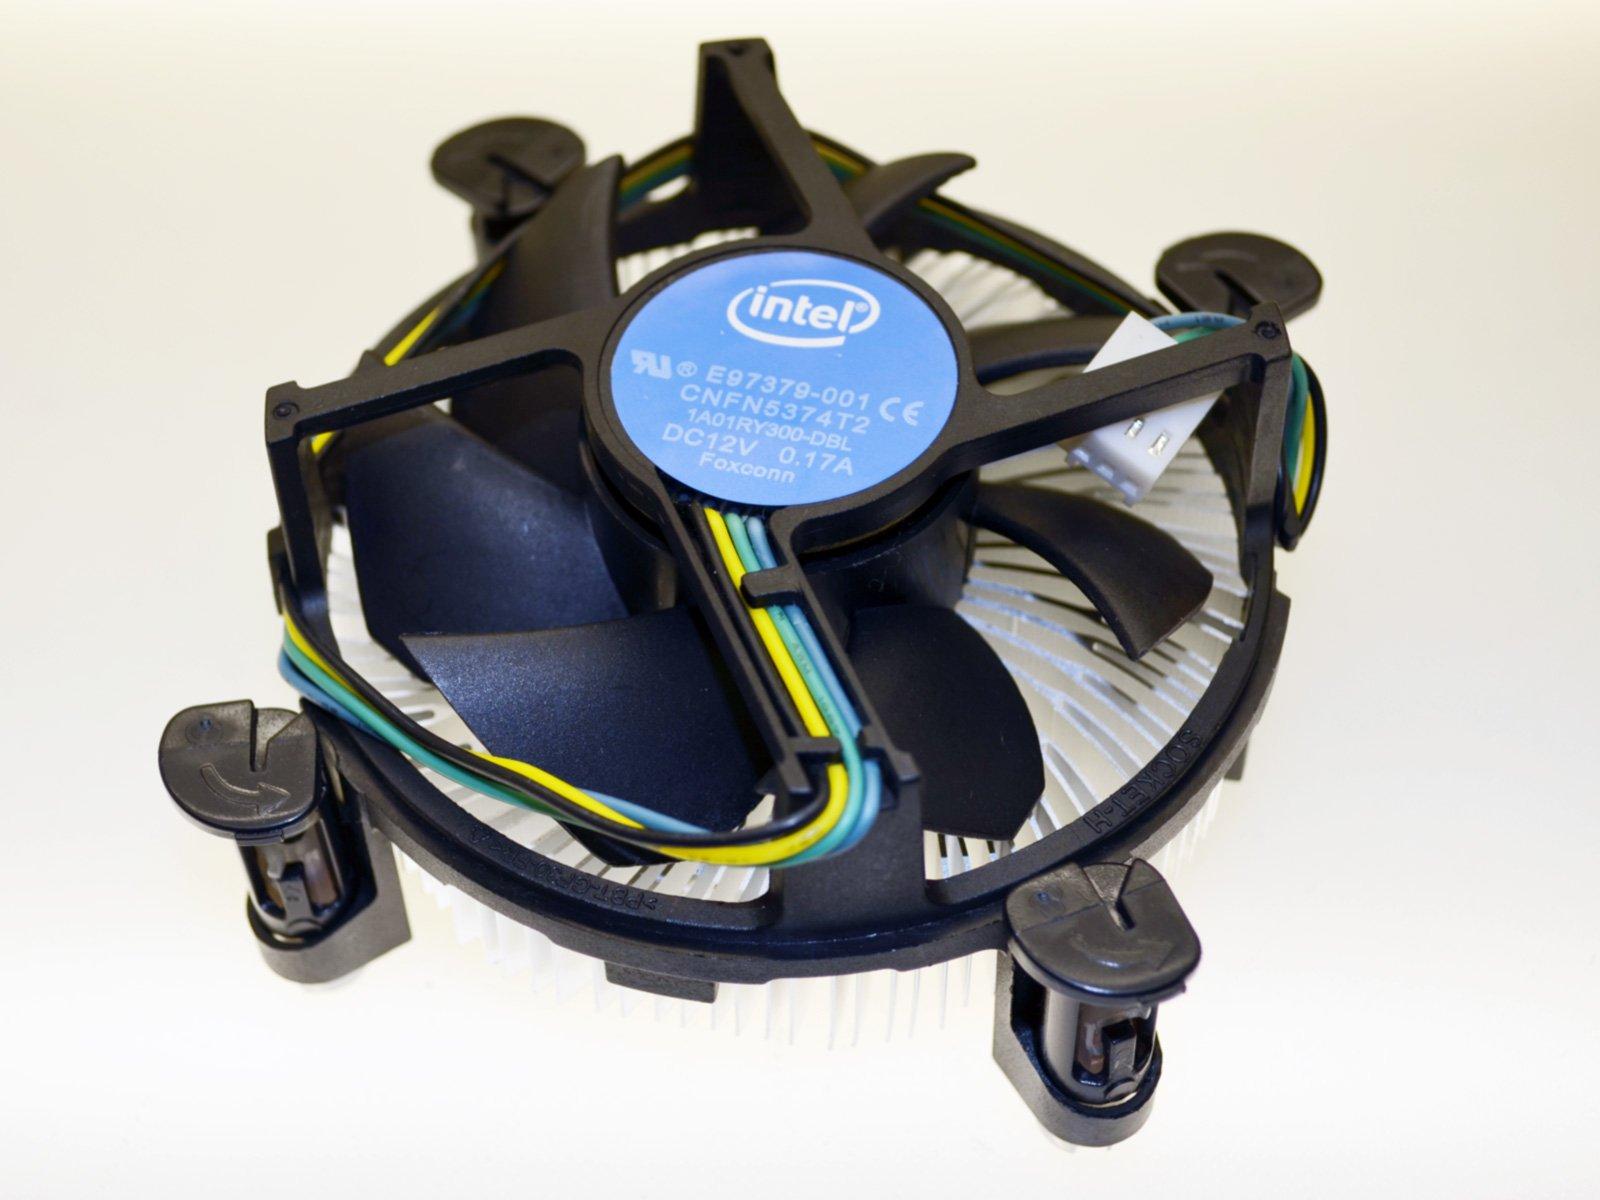 Intel E97379-001 Core I3/i5/i7 Socket 1150/1155/1156 4-pin C